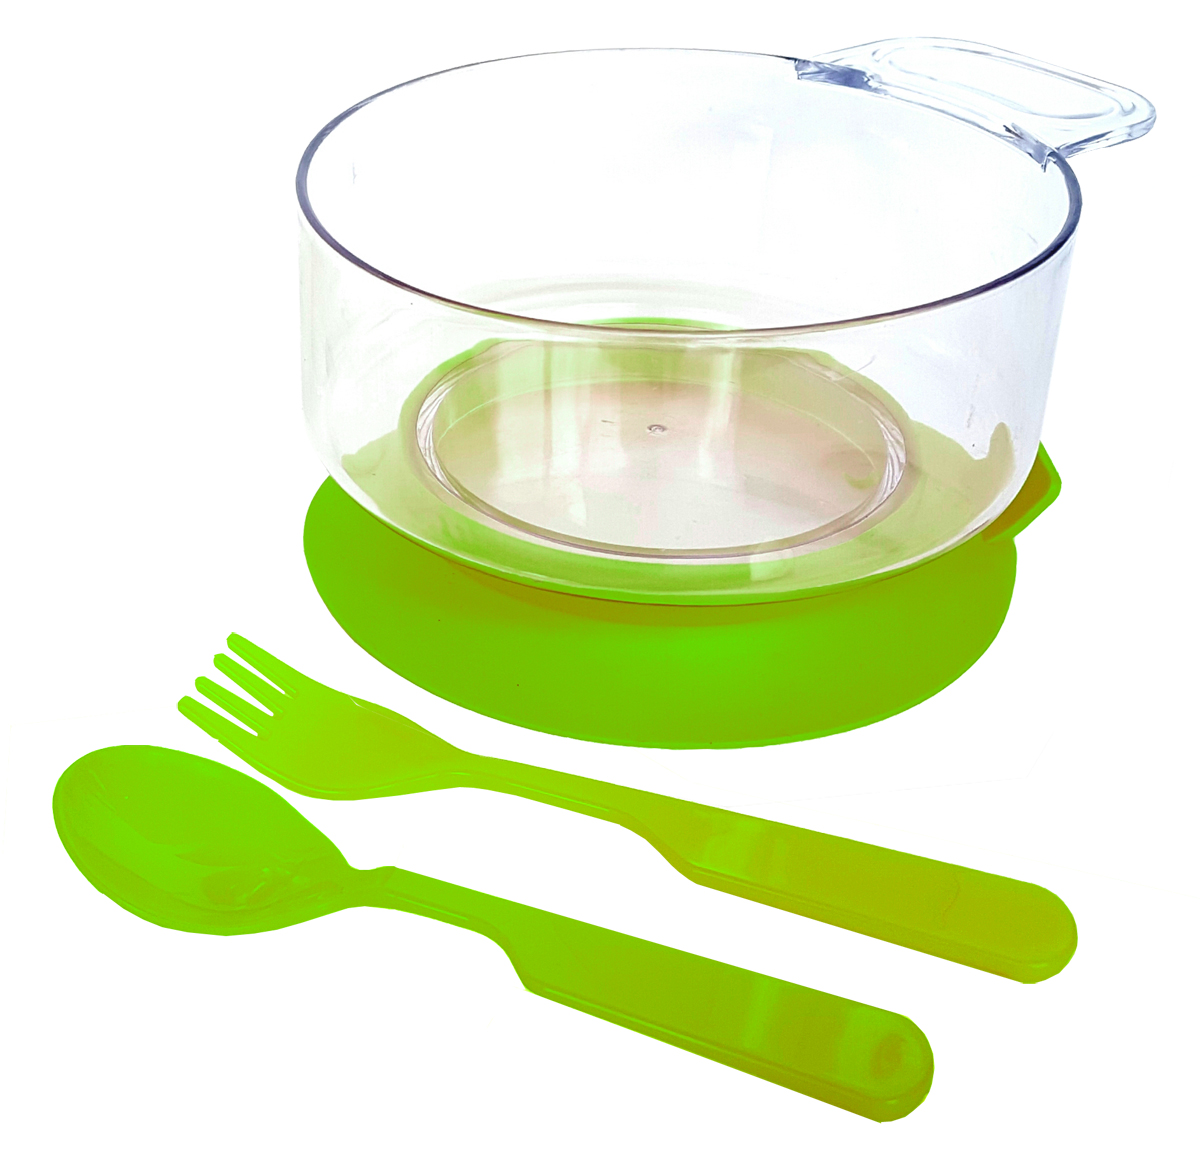 Набор детской посуды цвет салатовый 3 предмета 12131213салатНабор посуды из 3-х предметов, идеальный для начала самостоятельного питания малыша. Произведено в России из безопасного пищевого пластика. Форма изготовлена по лучшим европейским технологиям. Эргономичные и безопасные ложка-вилка. Глубокая тарелка с ручкой на съемной присоске предотвращает скольжение по столу и переворачивание. Яркие цвета и удобная форма обеспечивают удовольствие от кормления. Можно мыть в посудомоечной машине и ставить в СВЧ (снять присоску с тарелки!).